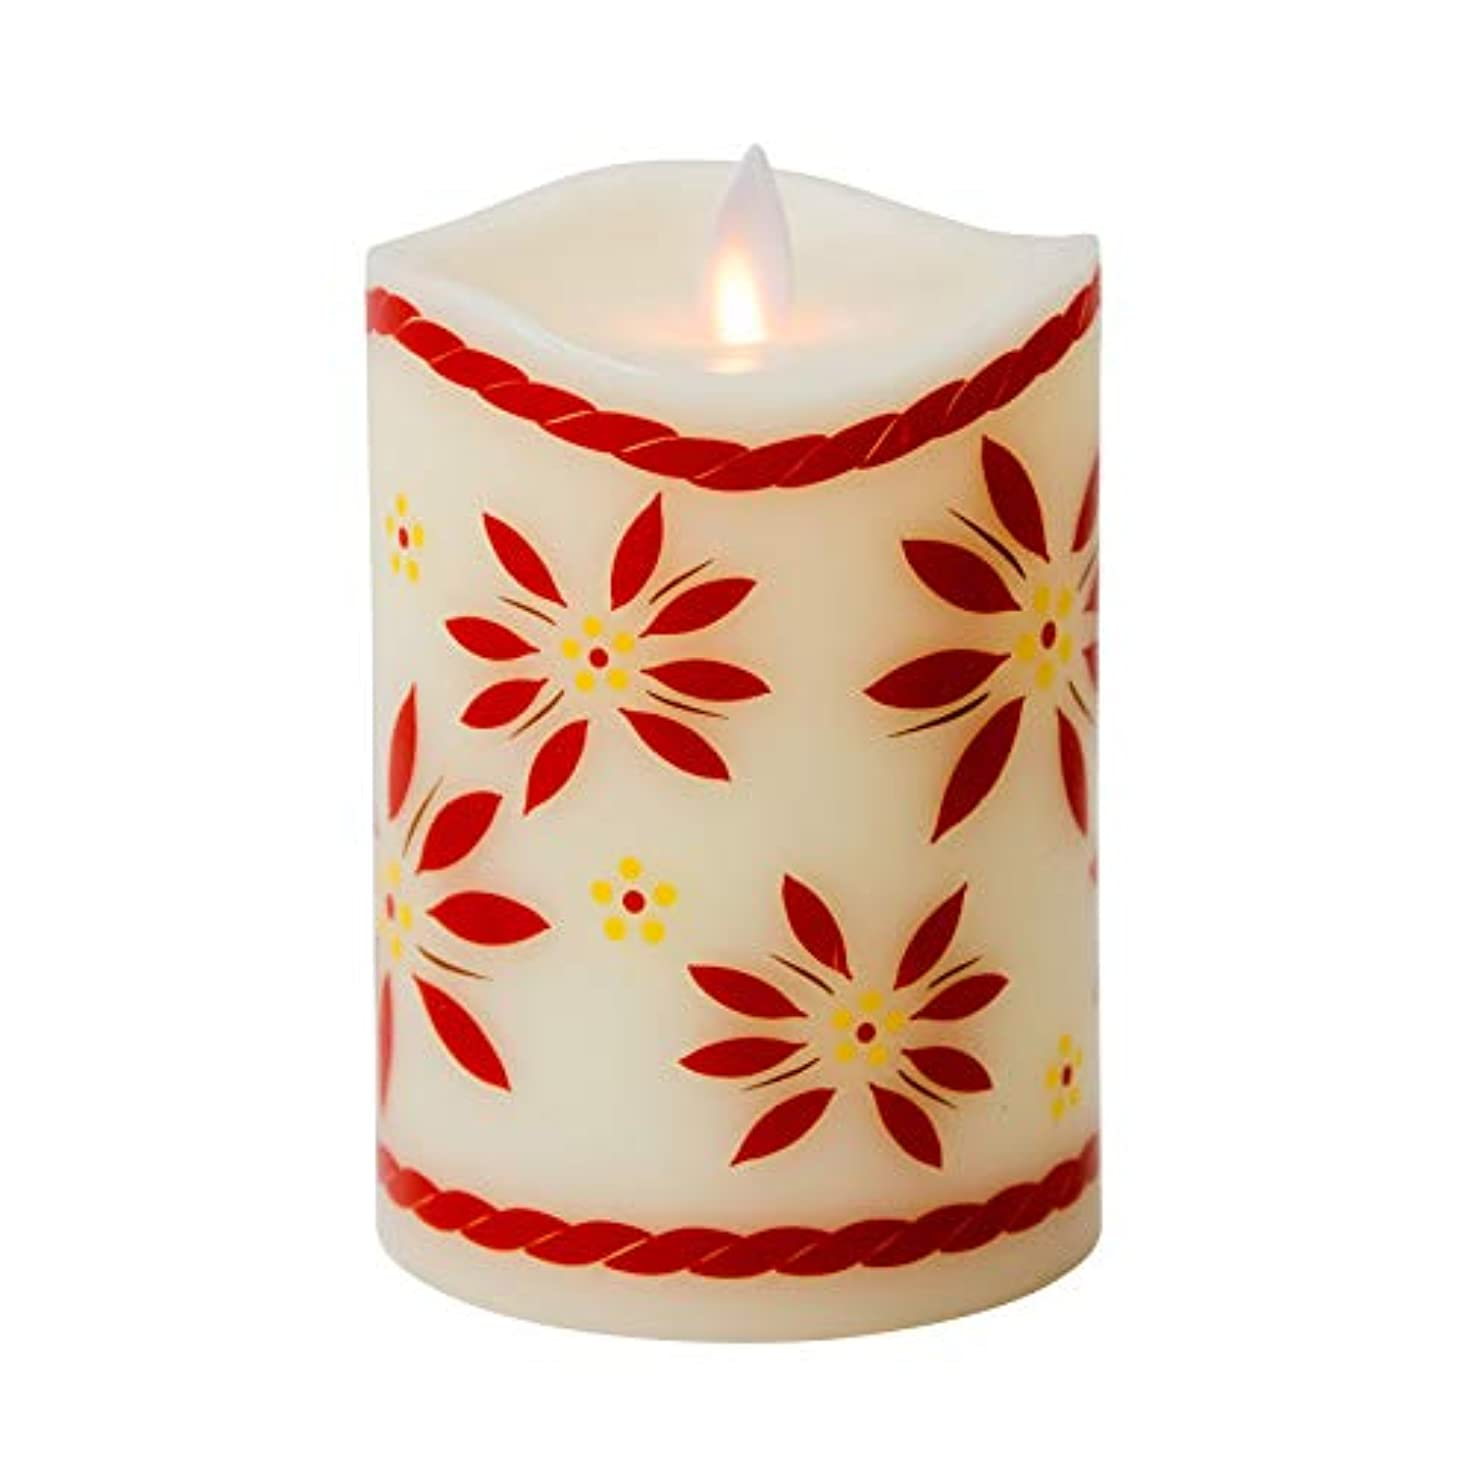 リサイクルする硫黄宝石Boston Warehouse temp-tations by Tara Mystiqueパラフィンワックス5インチOld World Flameless Pillar Candle レッド 40441